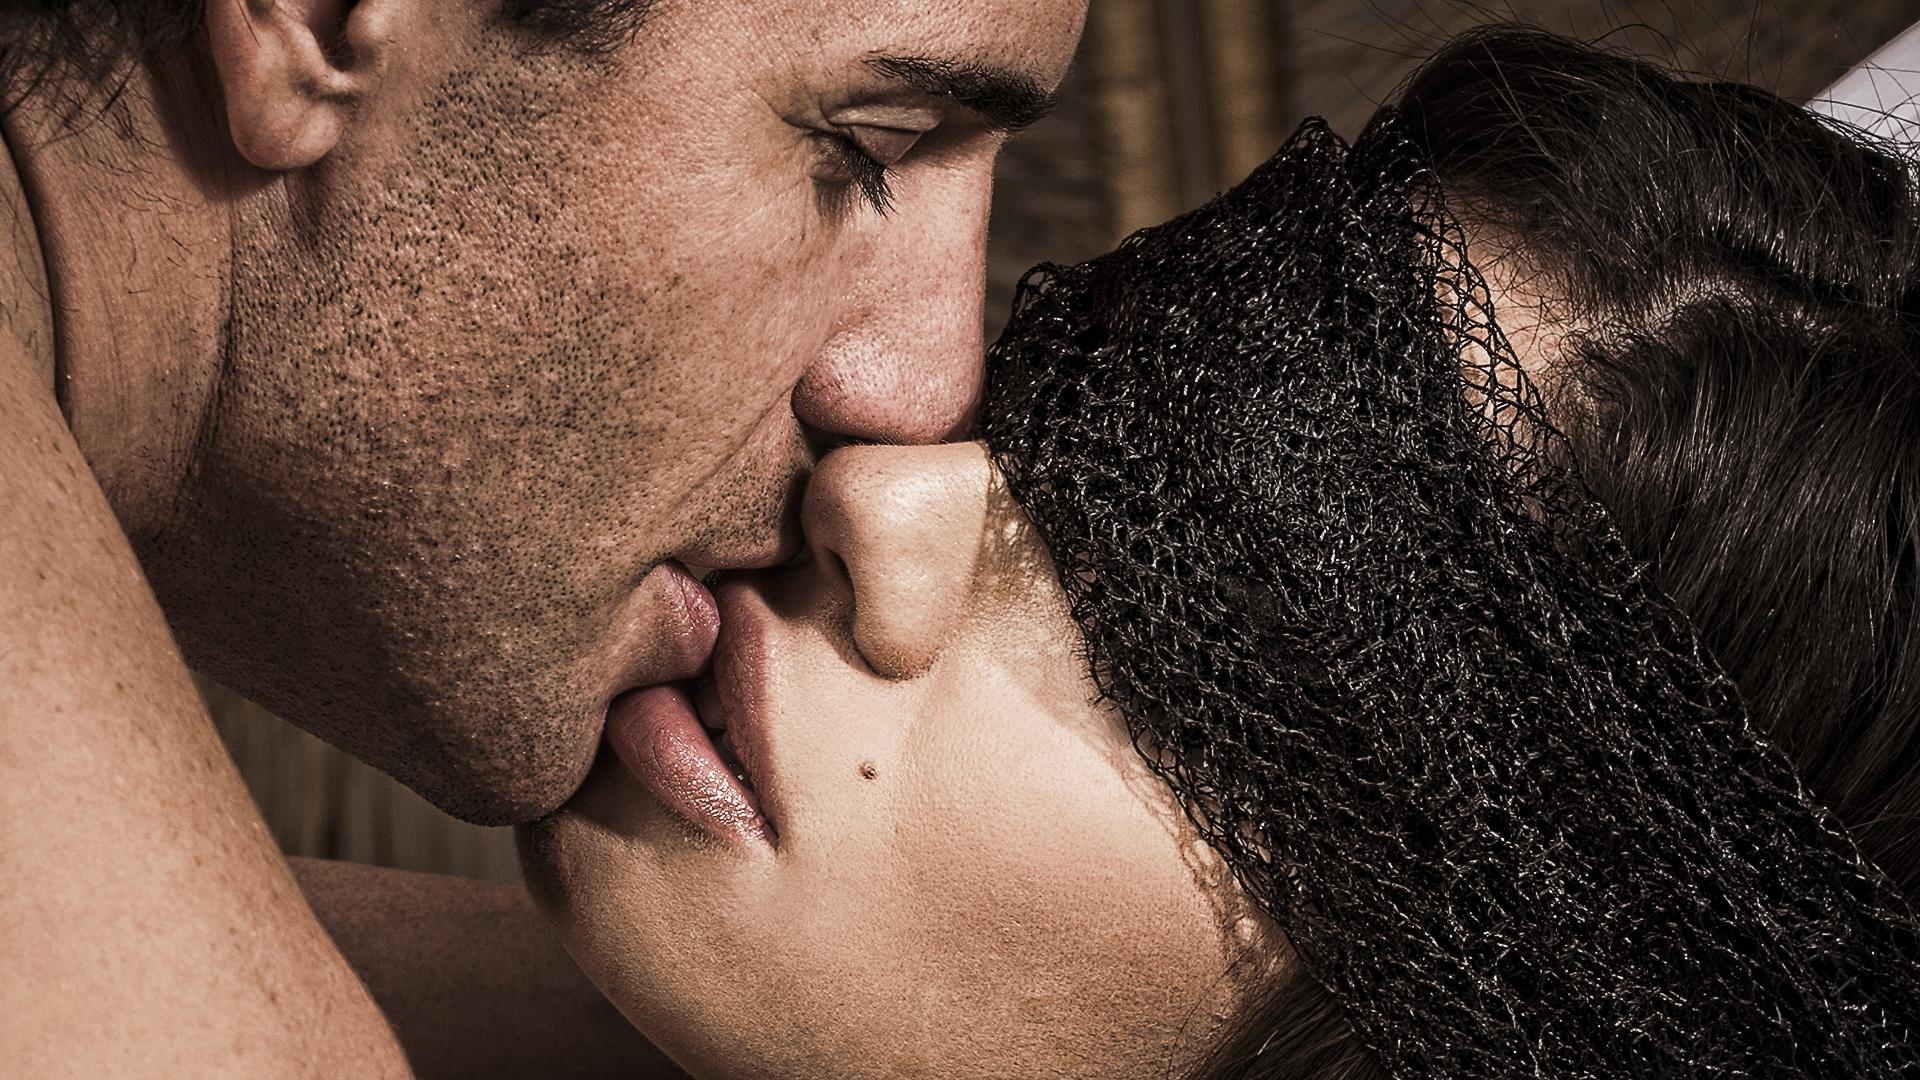 При поцелуе облизываясь поле, большая залупа не лезет в рот брюнетке